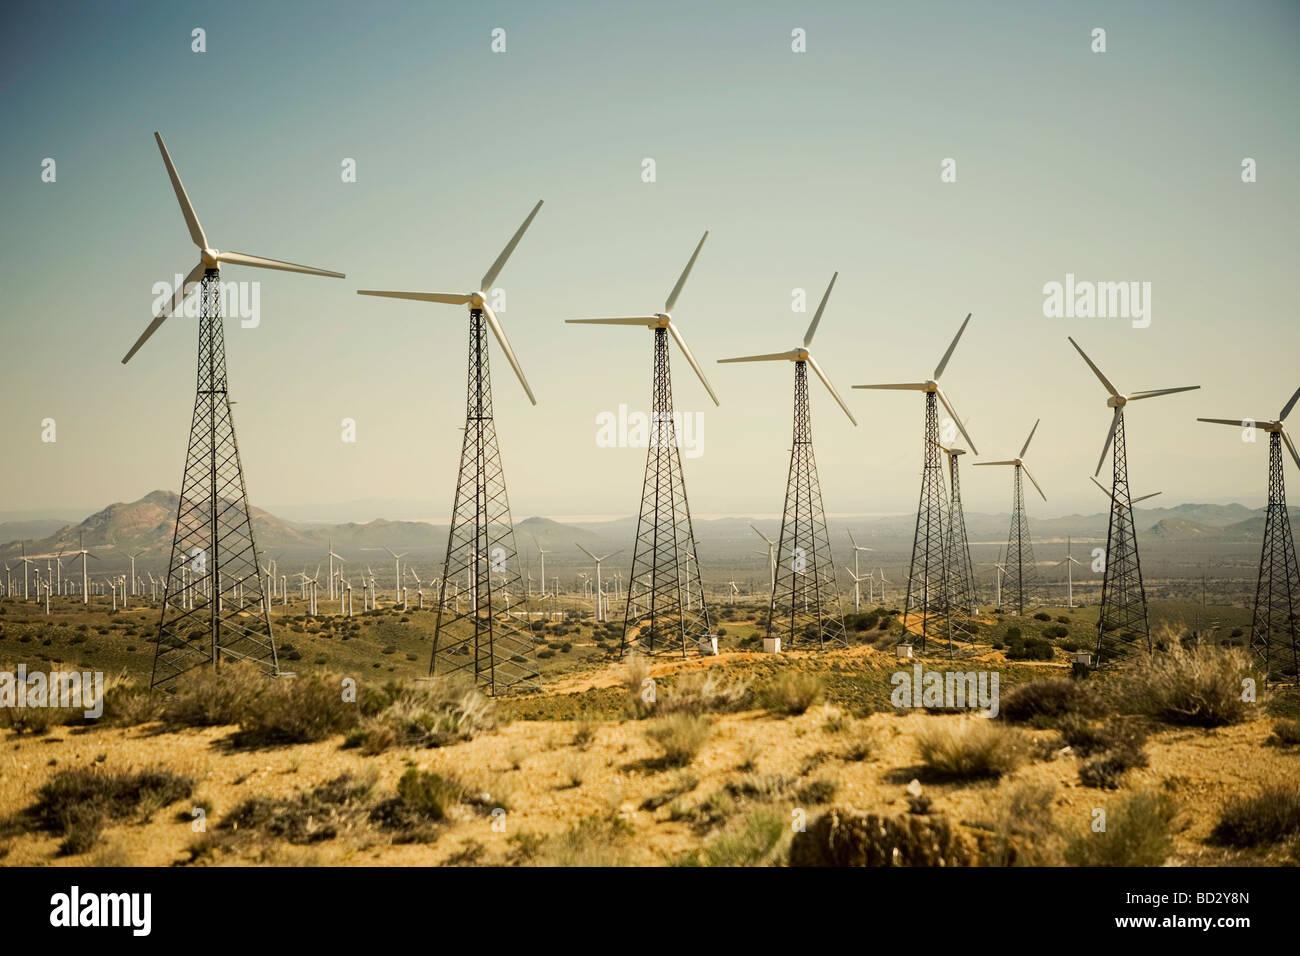 Les éoliennes produisant de l'électricité Photo Stock